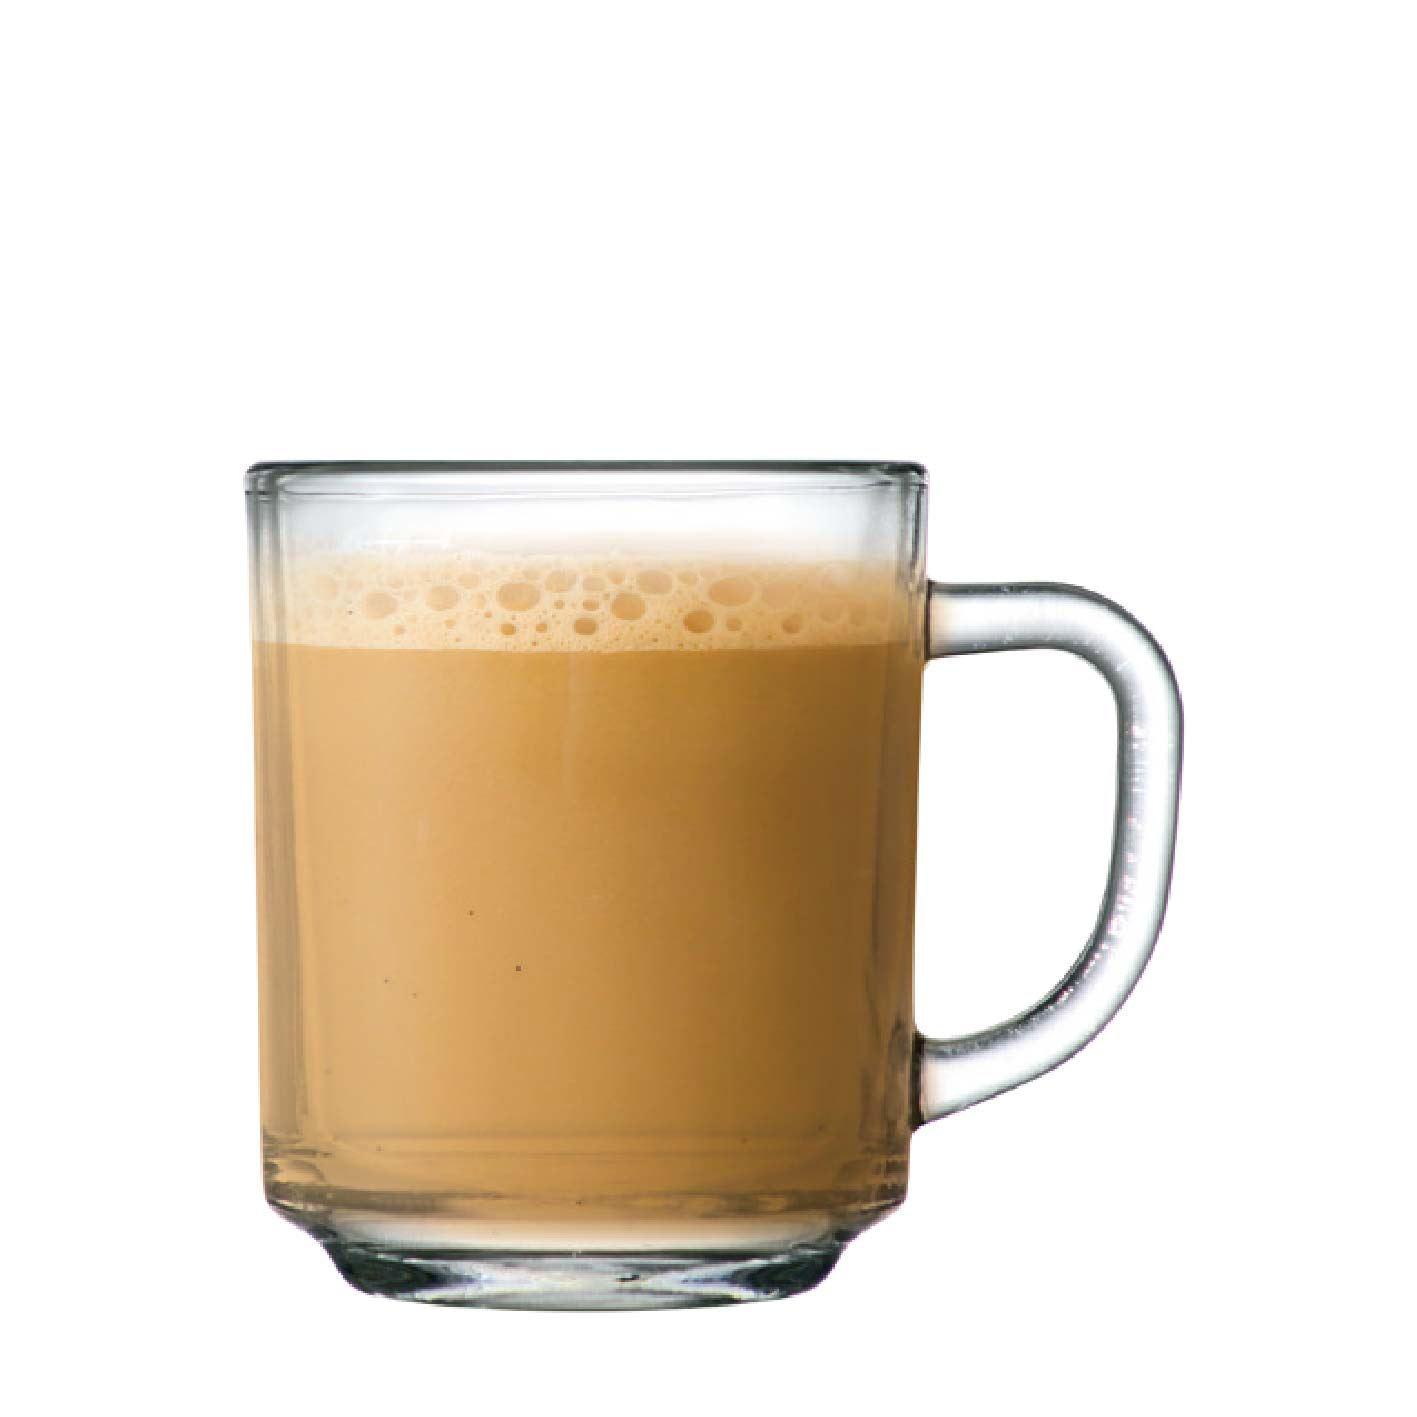 Jogo de Canecas de Cafe Coffee Luva 6 Pcs Vidro 245ml